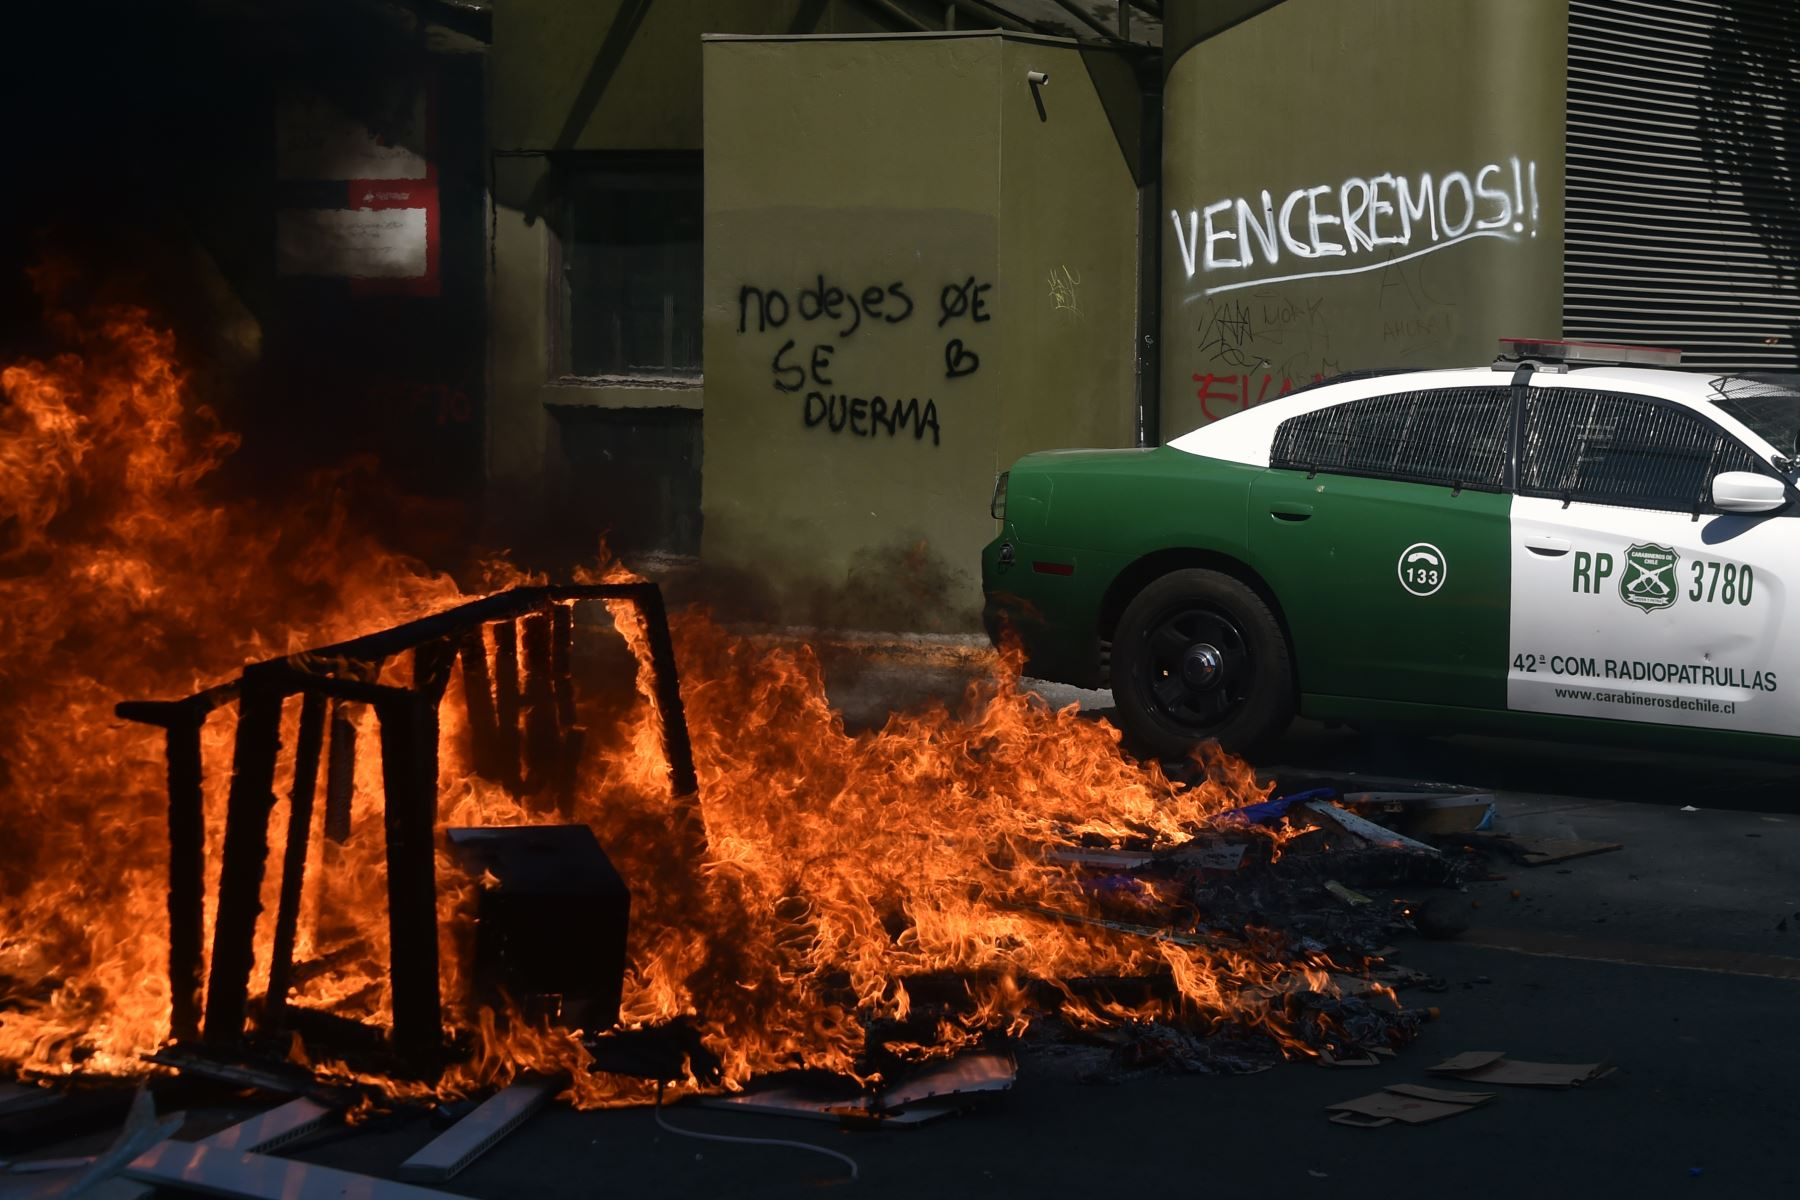 Vista de una barricada de incendios durante una protesta contra las políticas económicas del gobierno, cerca del Centro Costanera. Foto: AFP